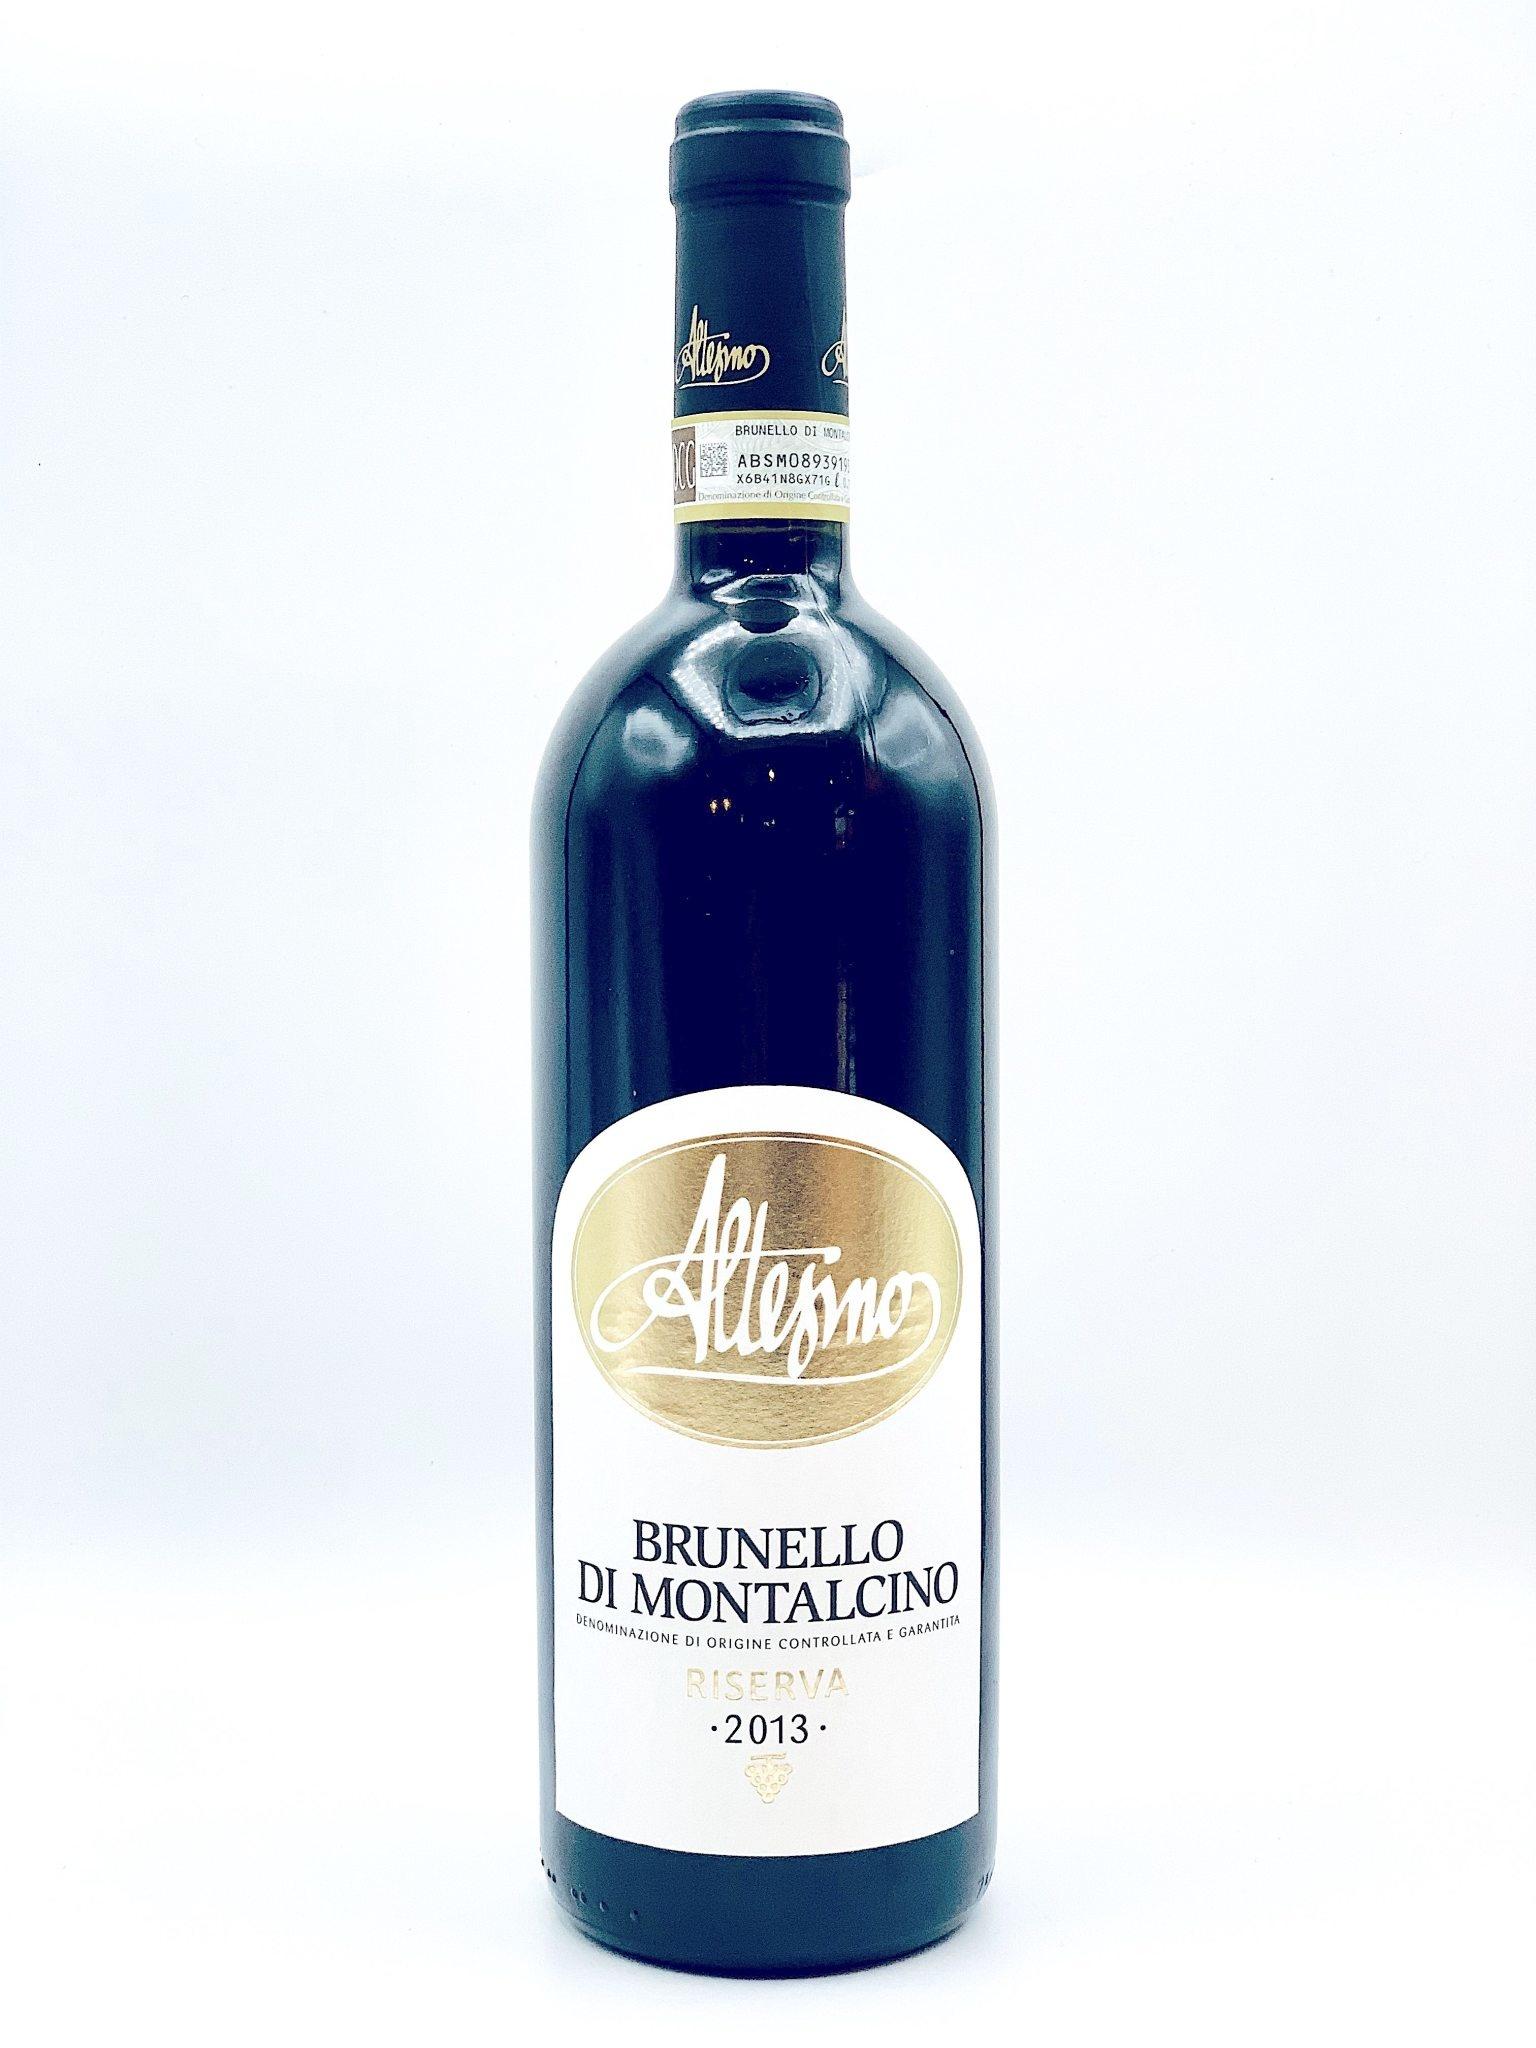 Brunello di Montalcino Riserva 2013 Altesino 750ml